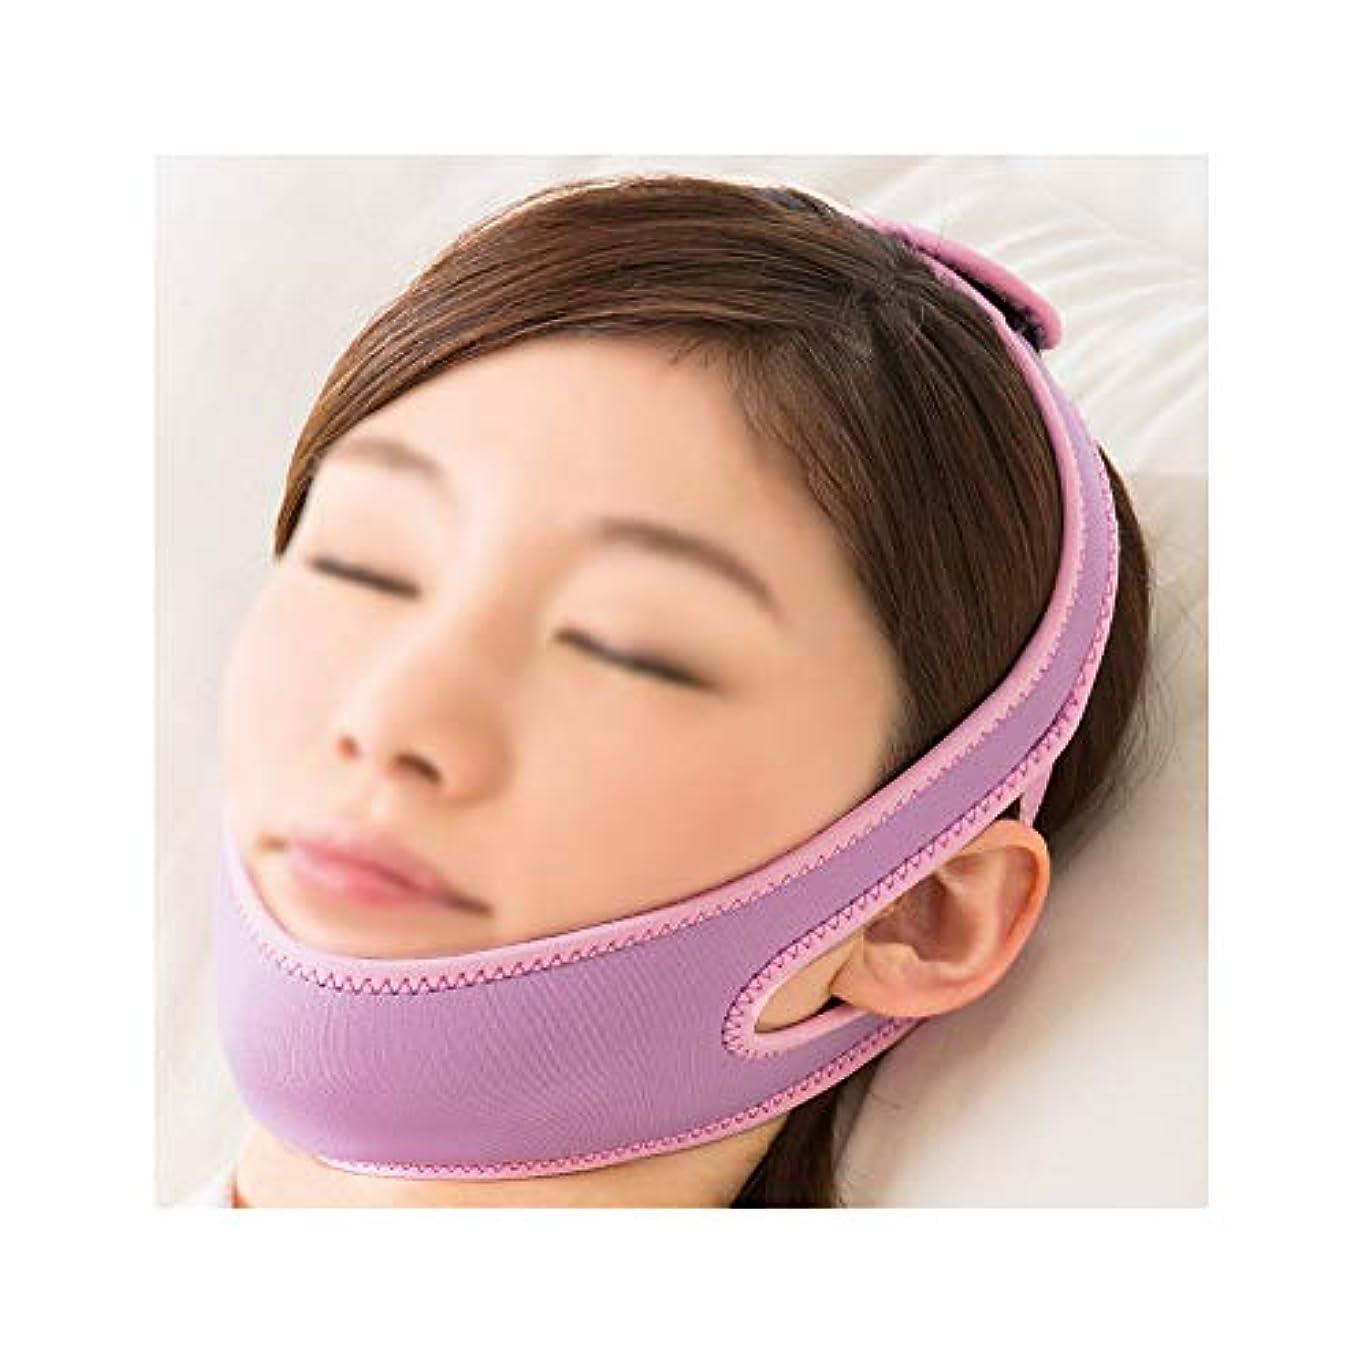 ジャズ詩取り出すフェイシャルマスク、フェイスリフティングアーティファクトフェイスマスク垂れ下がり面付きVフェイス包帯通気性スリーピングフェイスダブルチンチンセット睡眠弾性スリミングベルト